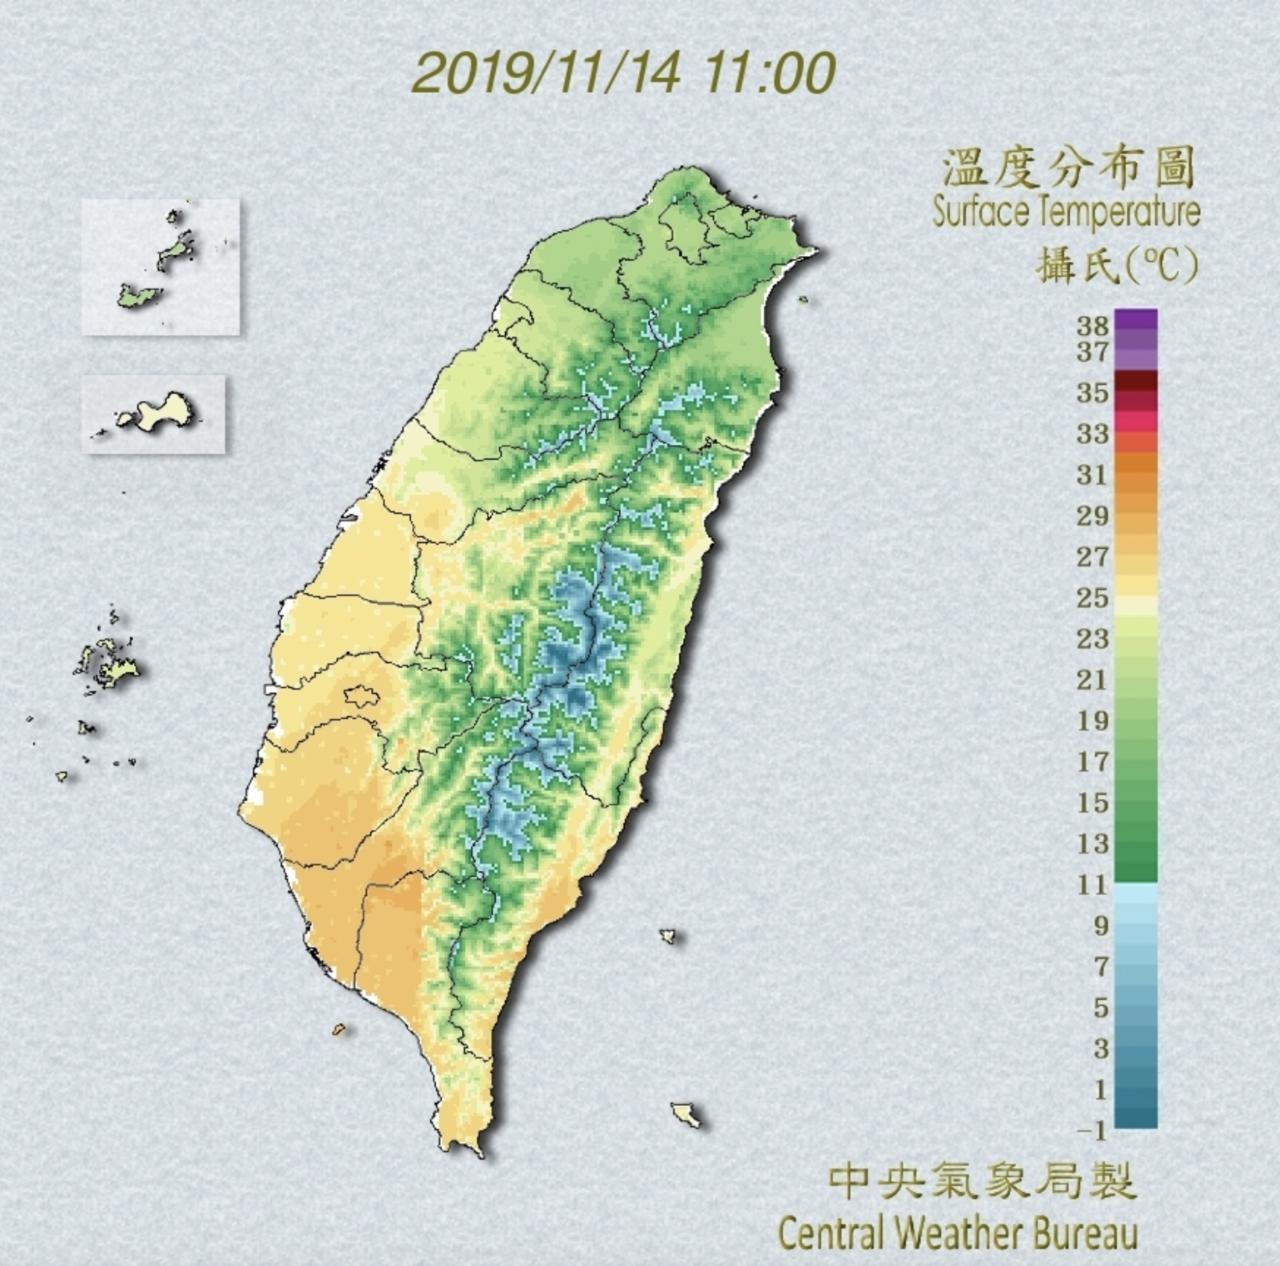 明天溫度回升,不過,下周一開始受到鋒面通過、東北季風增強,以及海鷗颱風影響,預計...